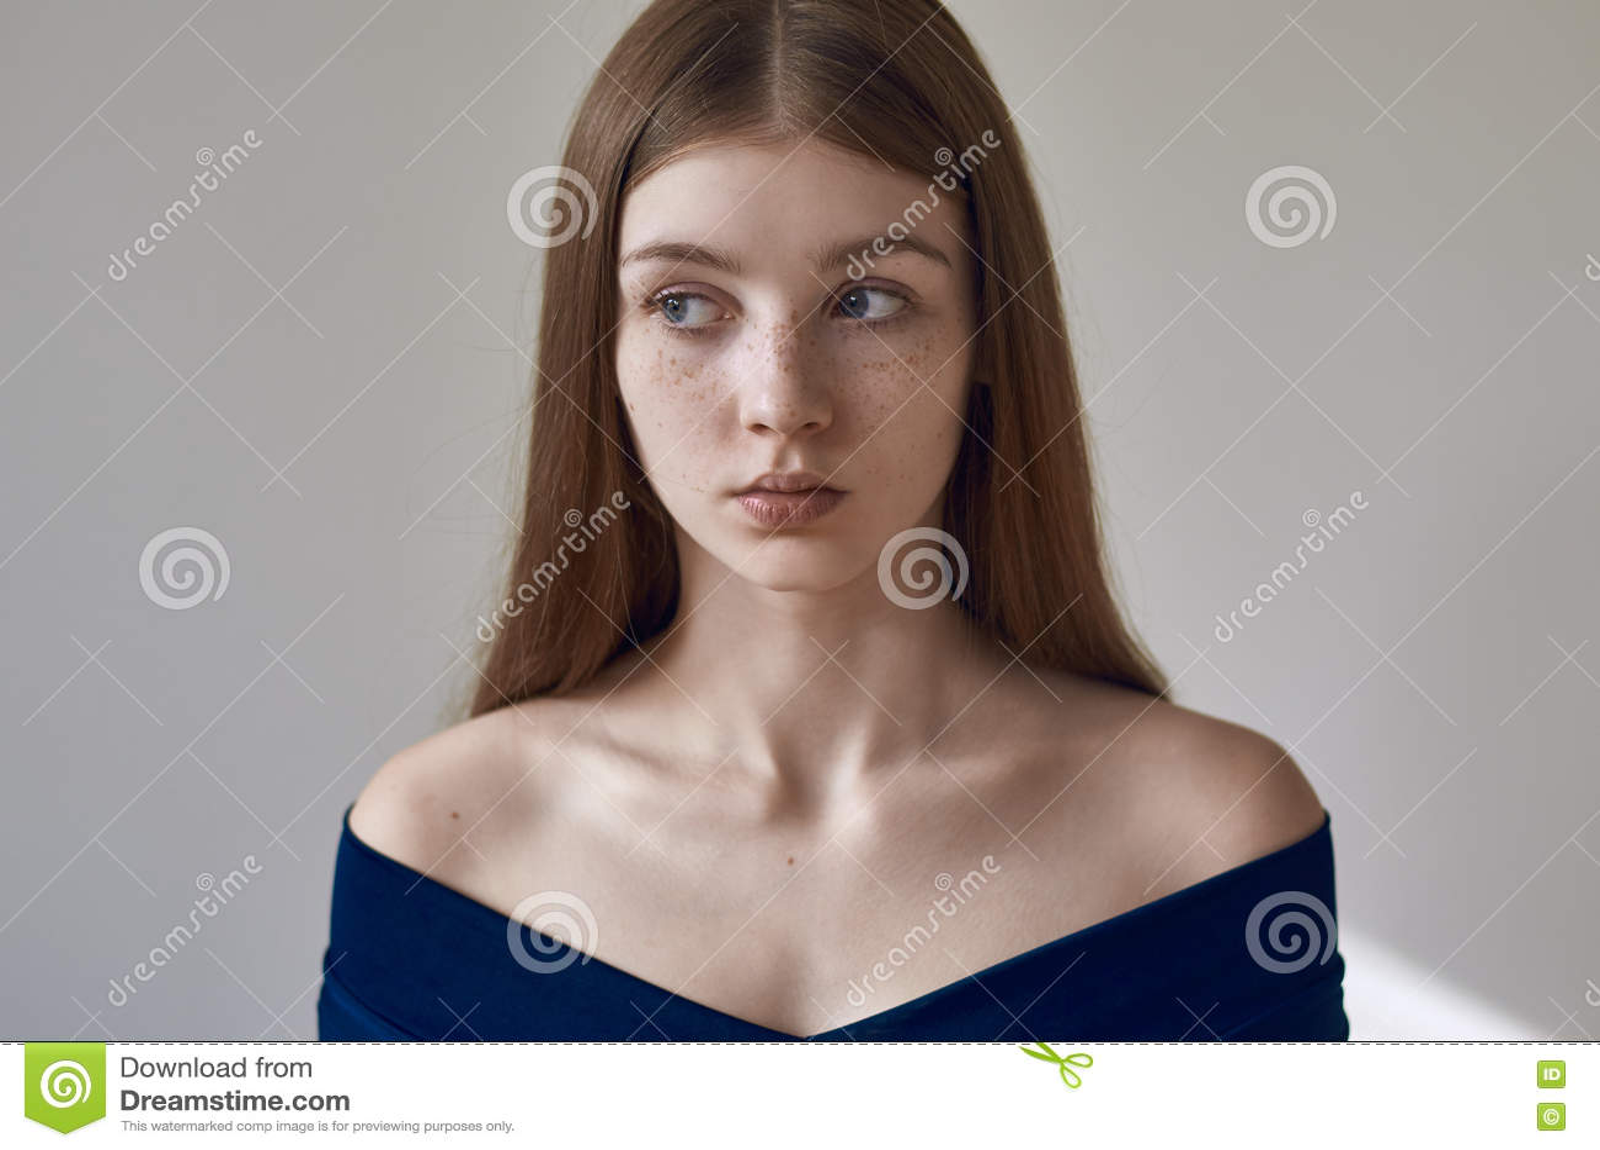 Schönheitsthema: Porträt eines schönen jungen Mädchens mit Sommersprossen auf ihrem Gesicht und dem Tragen eines blauen Kleides a